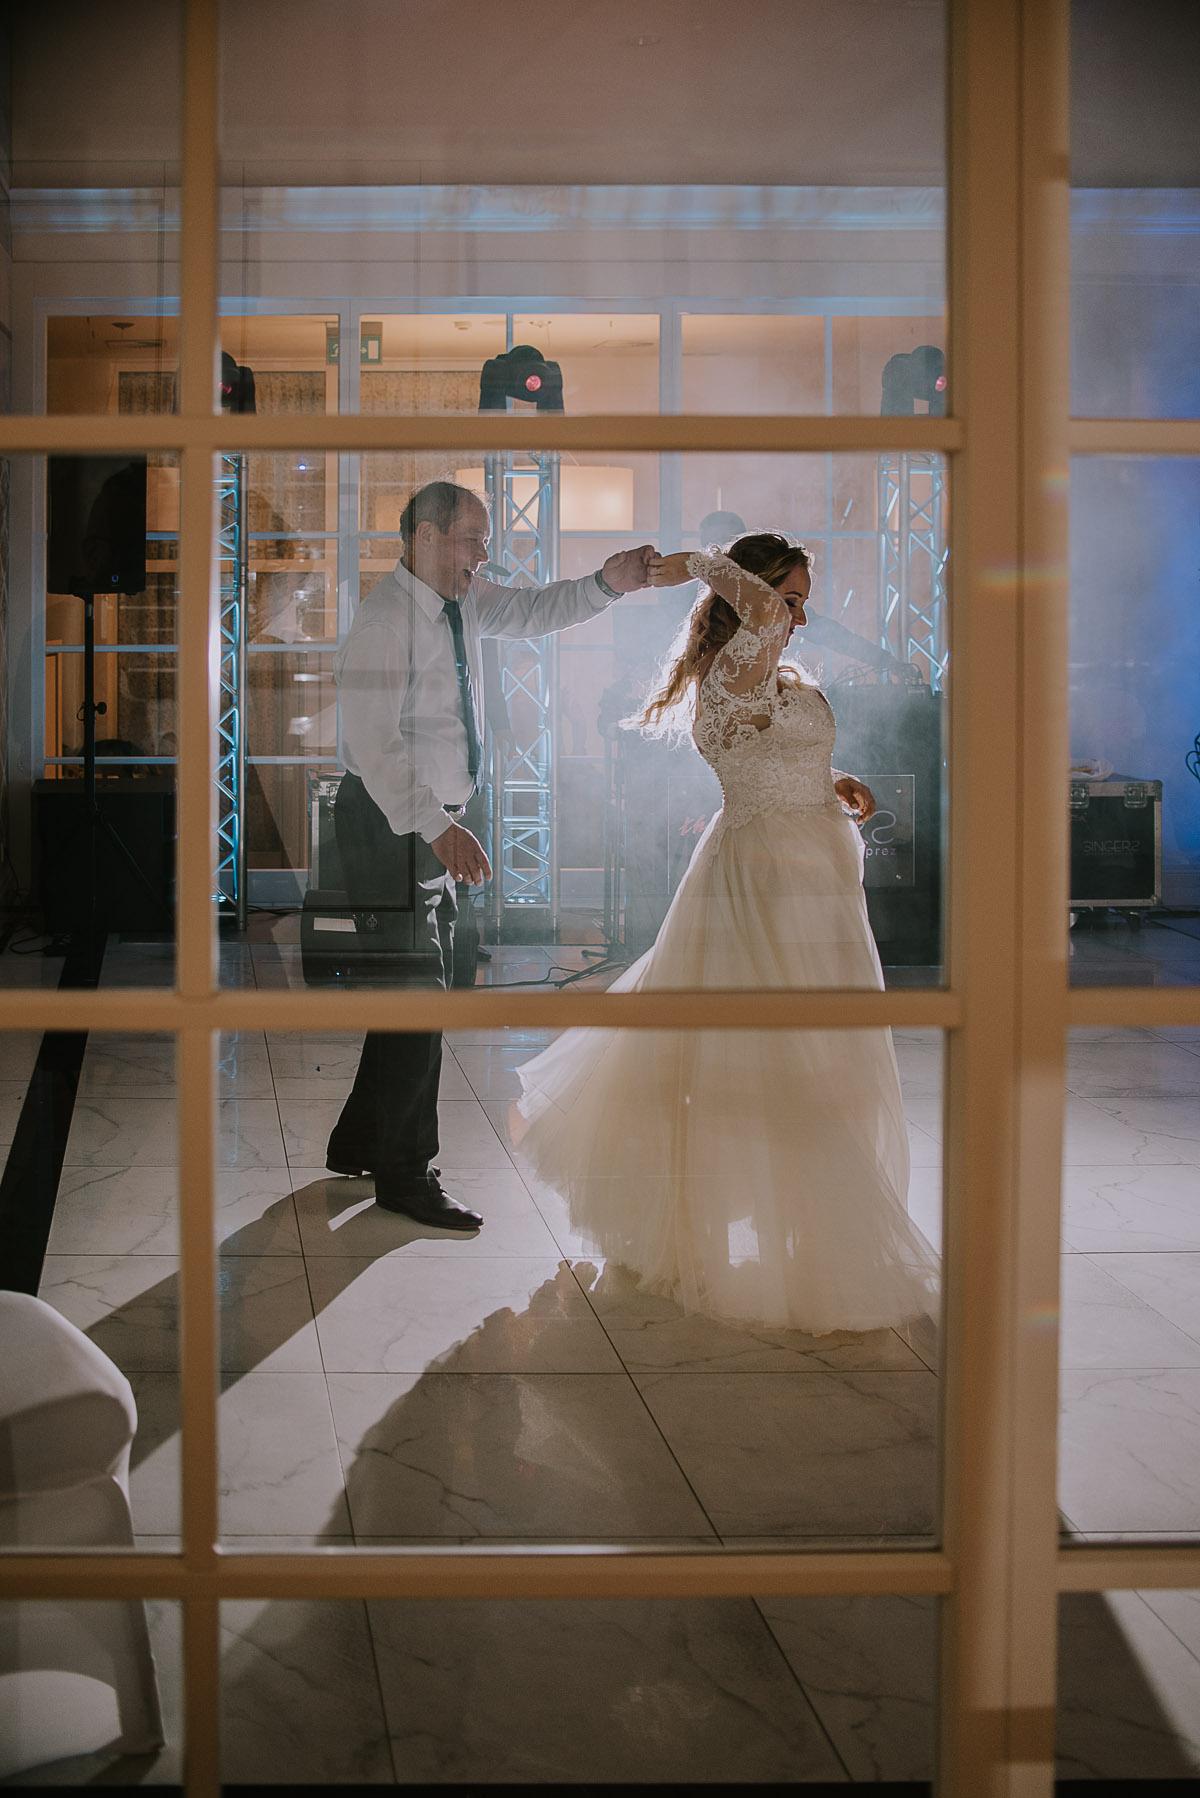 elegancki-slub-koscielny-plenerze-glamour-palac-romantyczny-turzno-fotografia-slubna-Swietliste-fotografujemy-emocje-Torun-reportaz-slubny-Ewa-Jakub-191